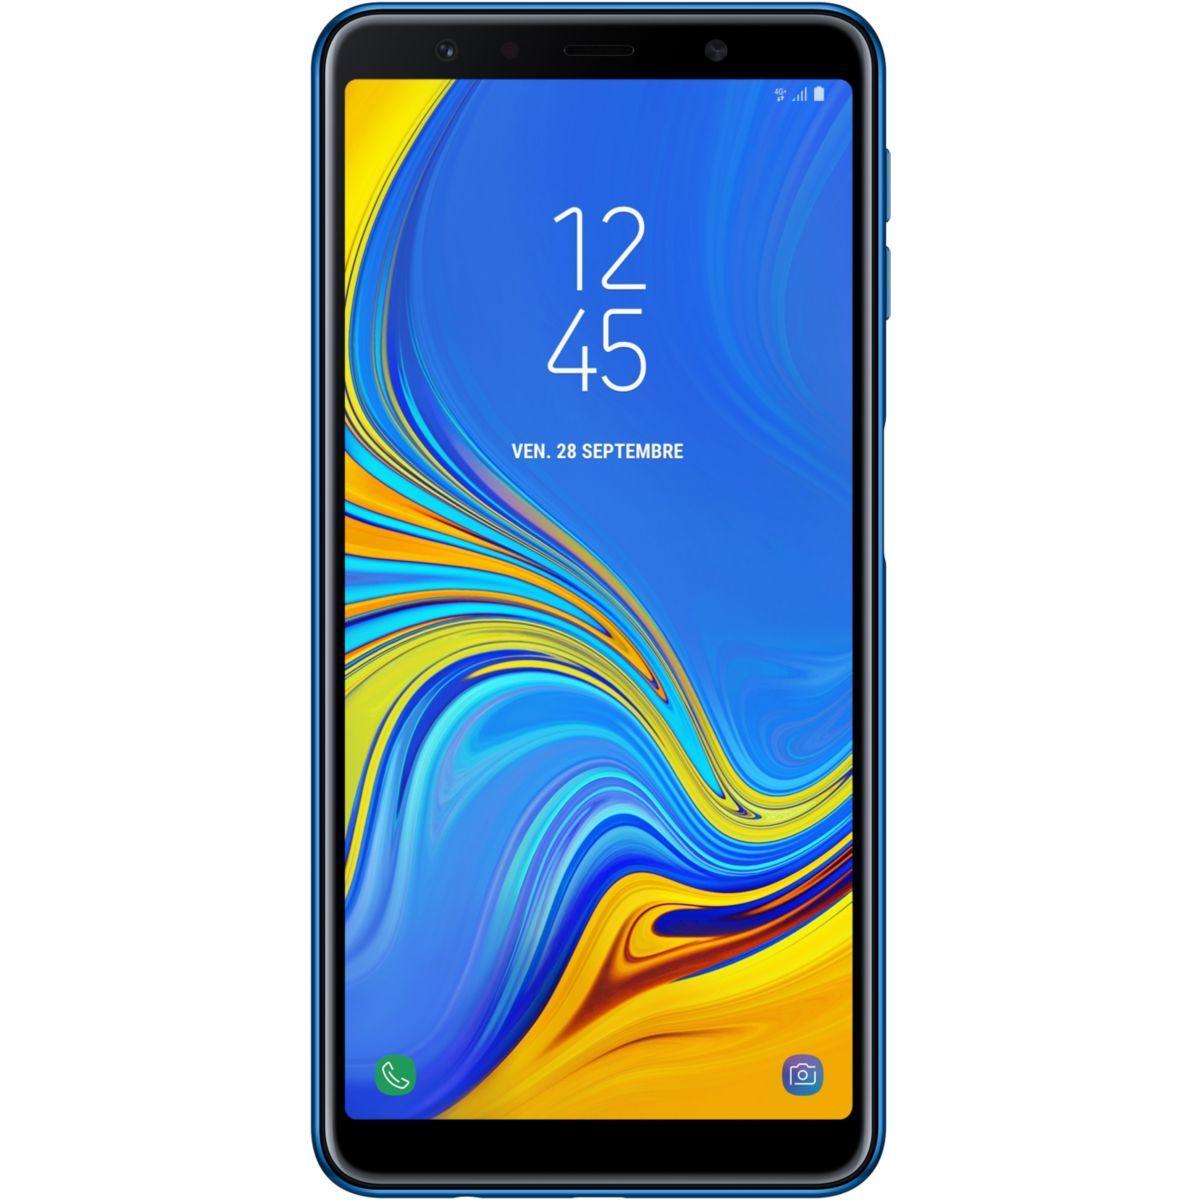 Smartphone samsung galaxy a7 bleu - livraison offerte : code liv